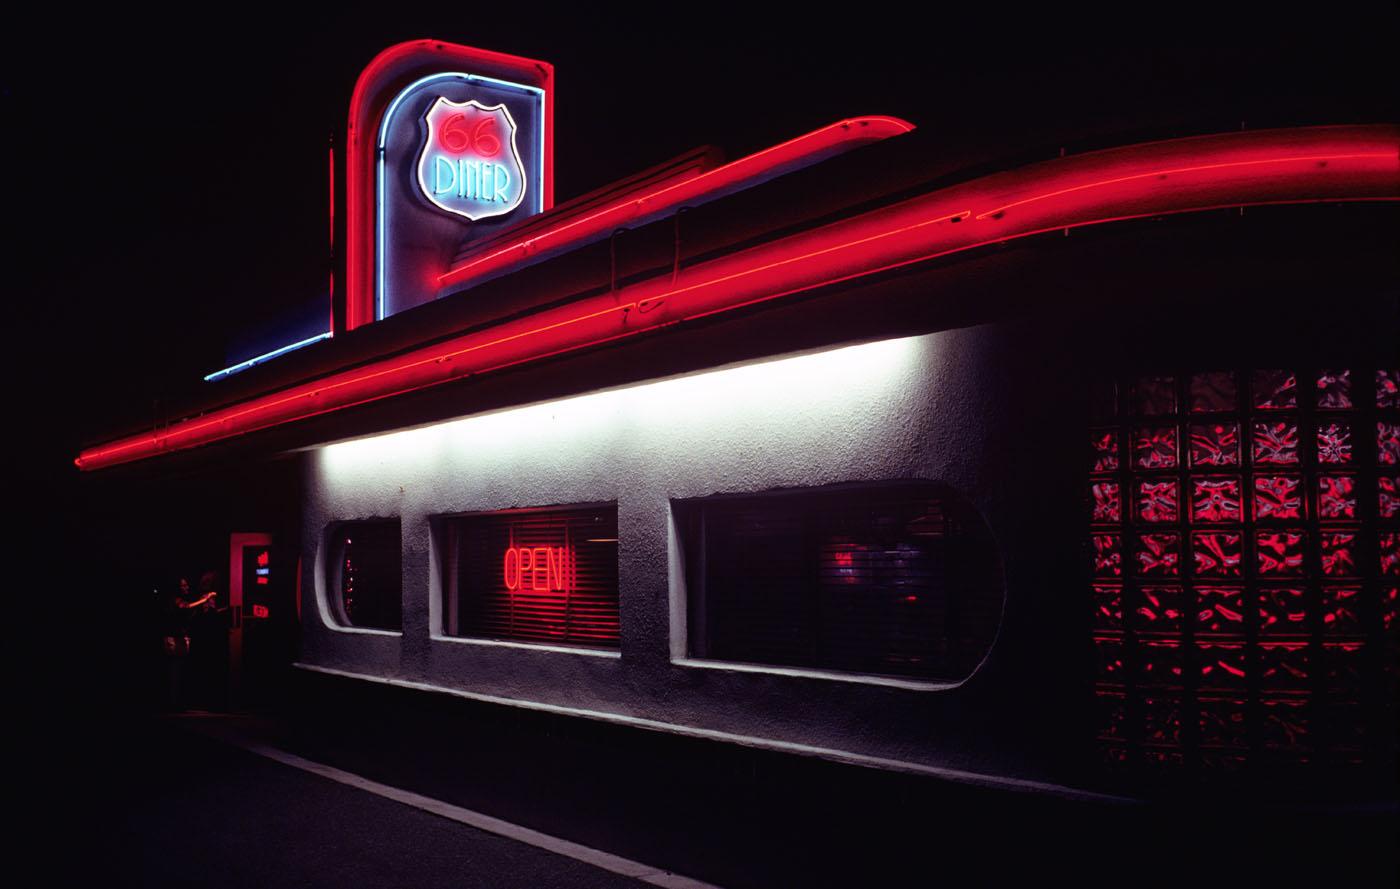 66 Diner, Albuquerque, NM